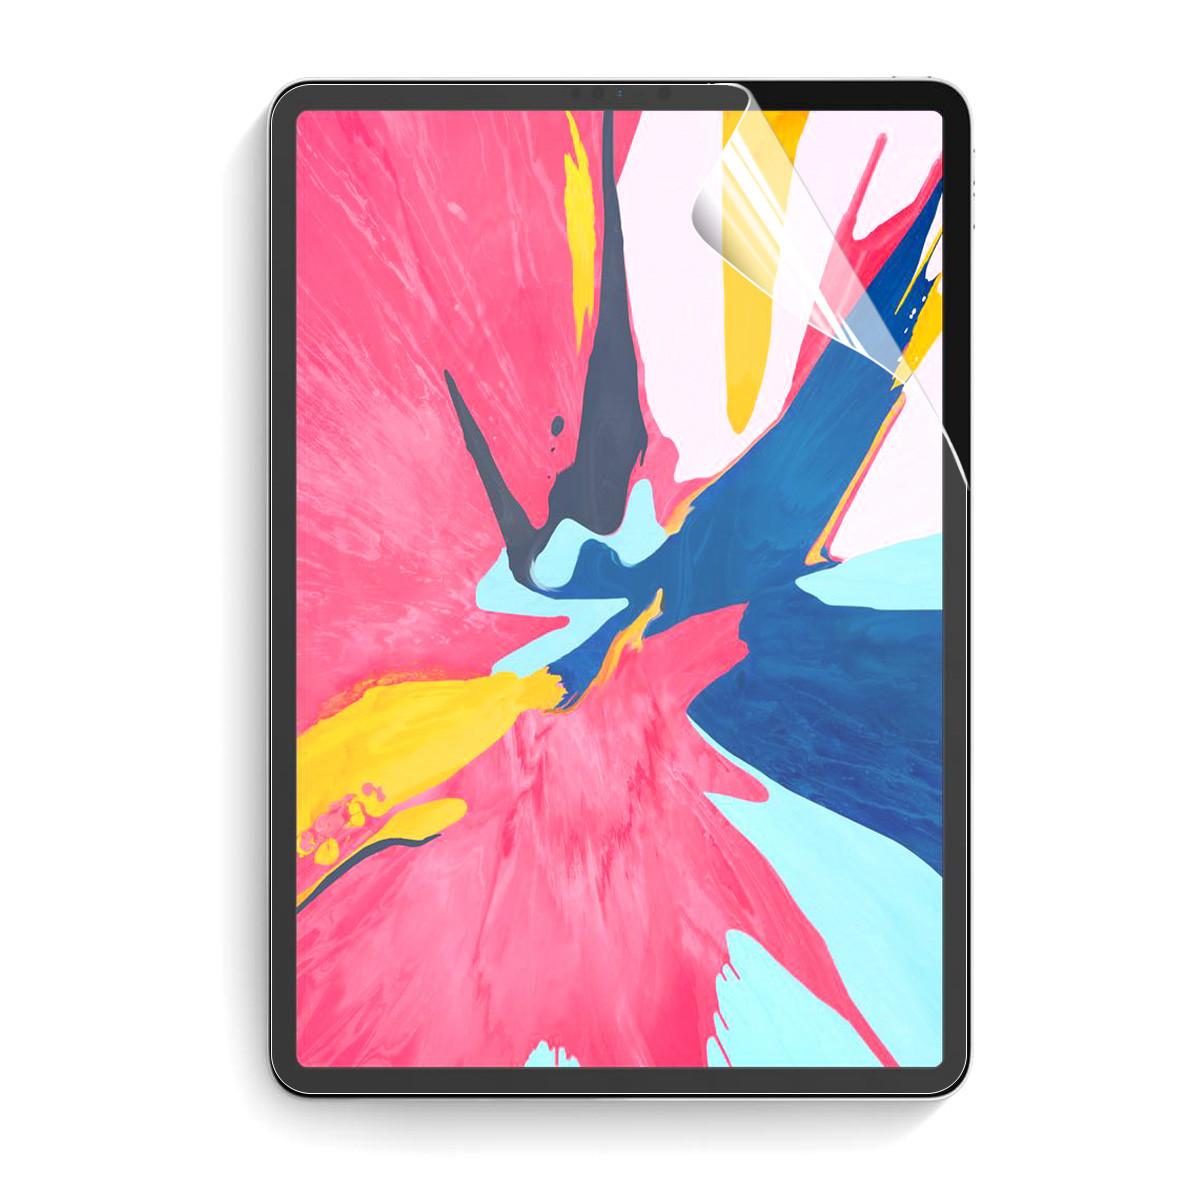 EnkayClearHDПЭТ-планшетныйэкрандля iPad Pro 12.9 2018 - 1TopShop